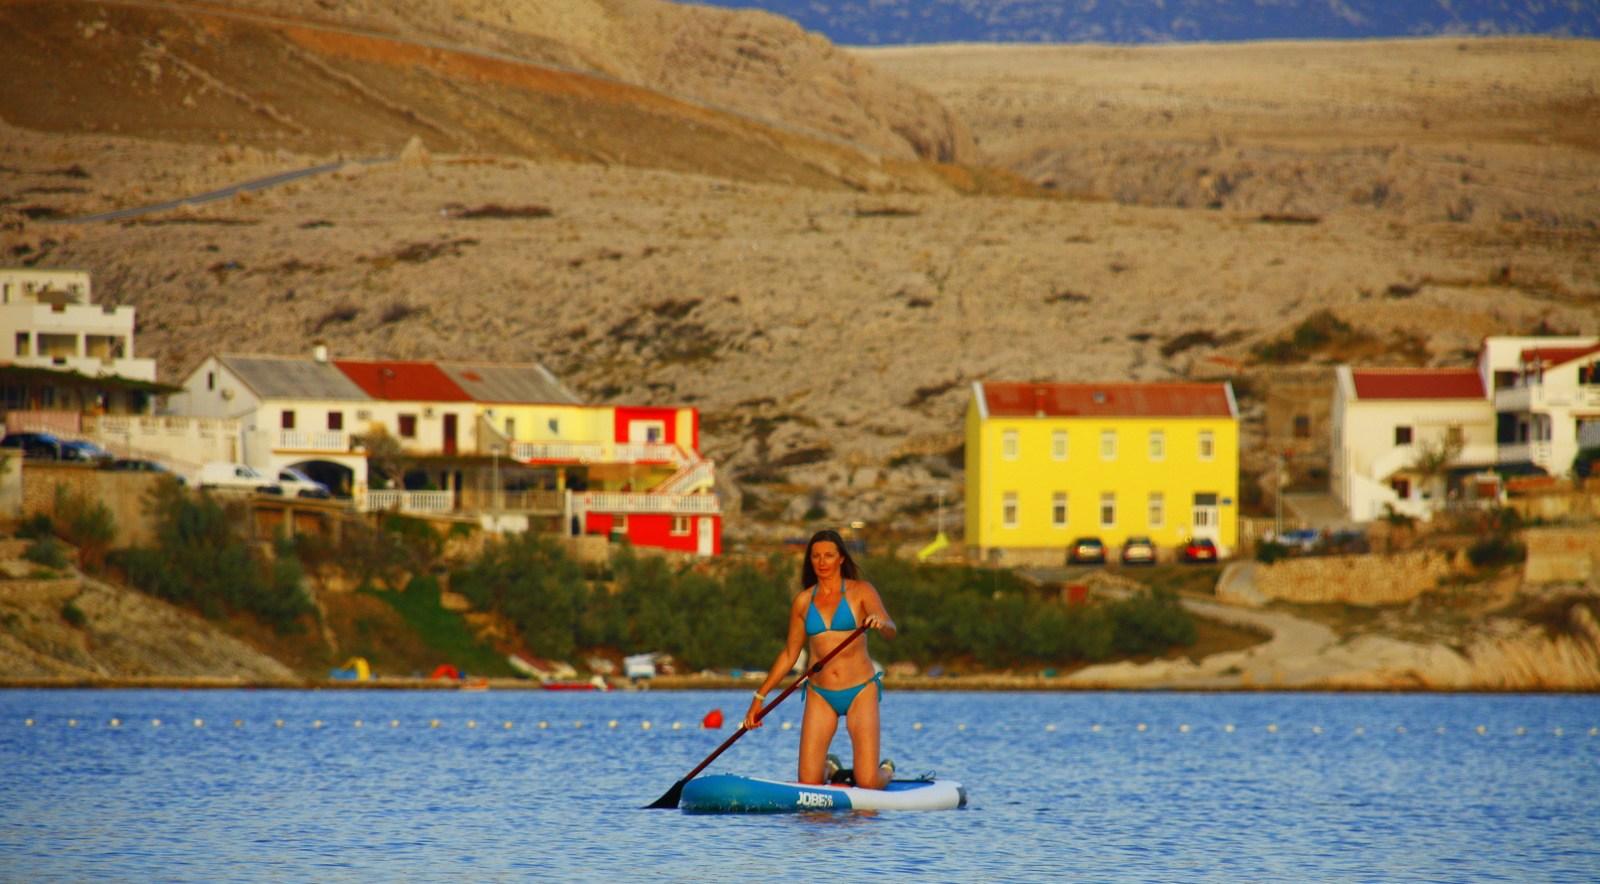 S supom na dopust. Ali počitnice. SUP je okrajšava angleškega poimenovanja Stand up paddling (tudi Stand up paddle surf) za šport, pri katerem stojiš in veslaš. Stojimo, veslamo, opazujemo in občudujemo naravne lepote.